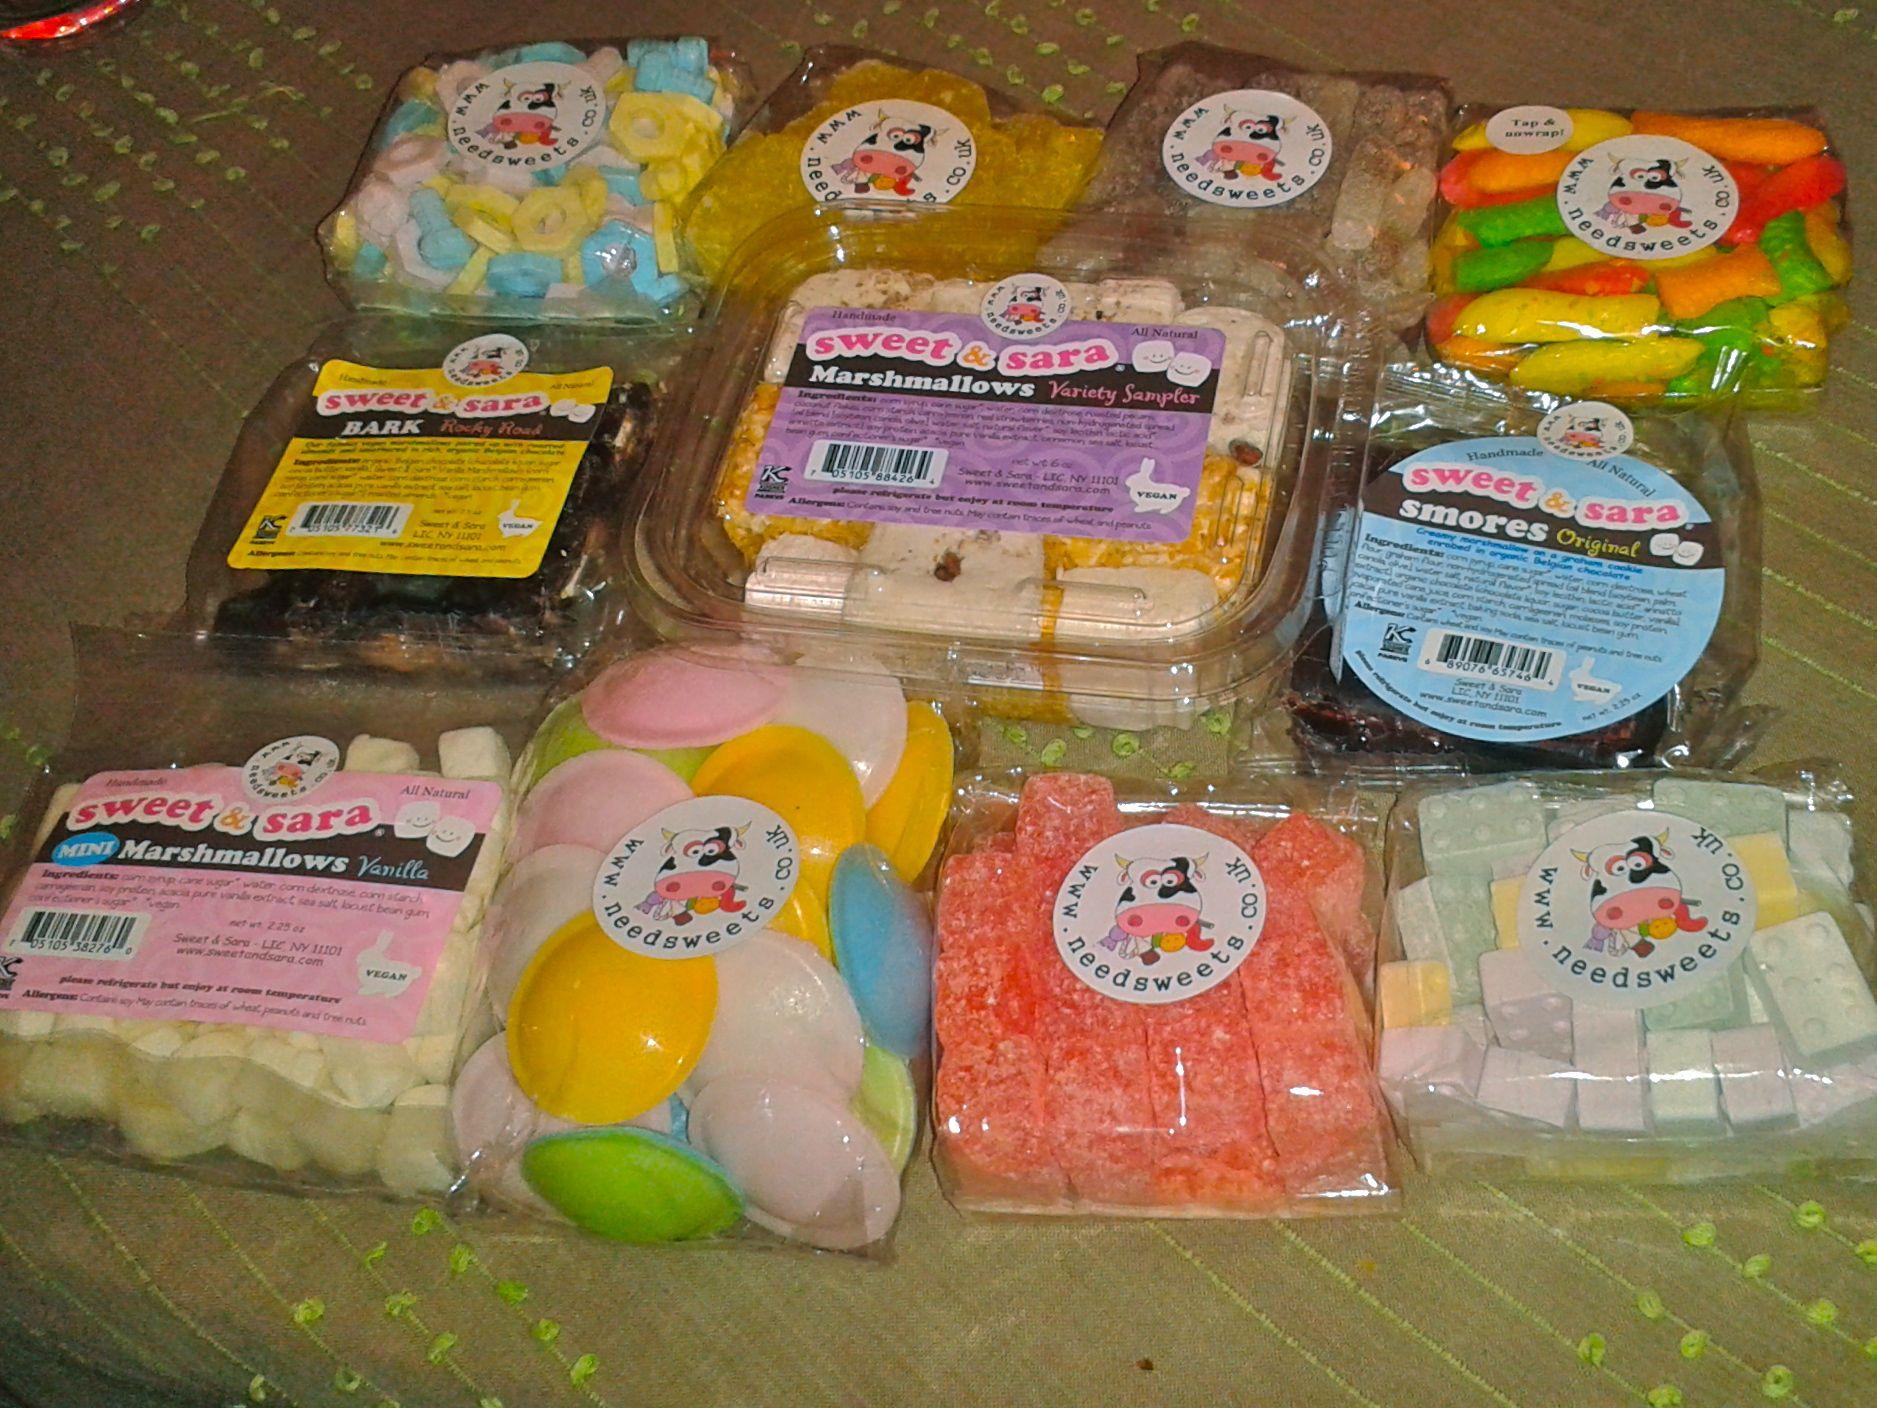 https://i2.wp.com/fatgayvegan.com/wp-content/uploads/2013/11/sweets.jpg?fit=1877%2C1408&ssl=1